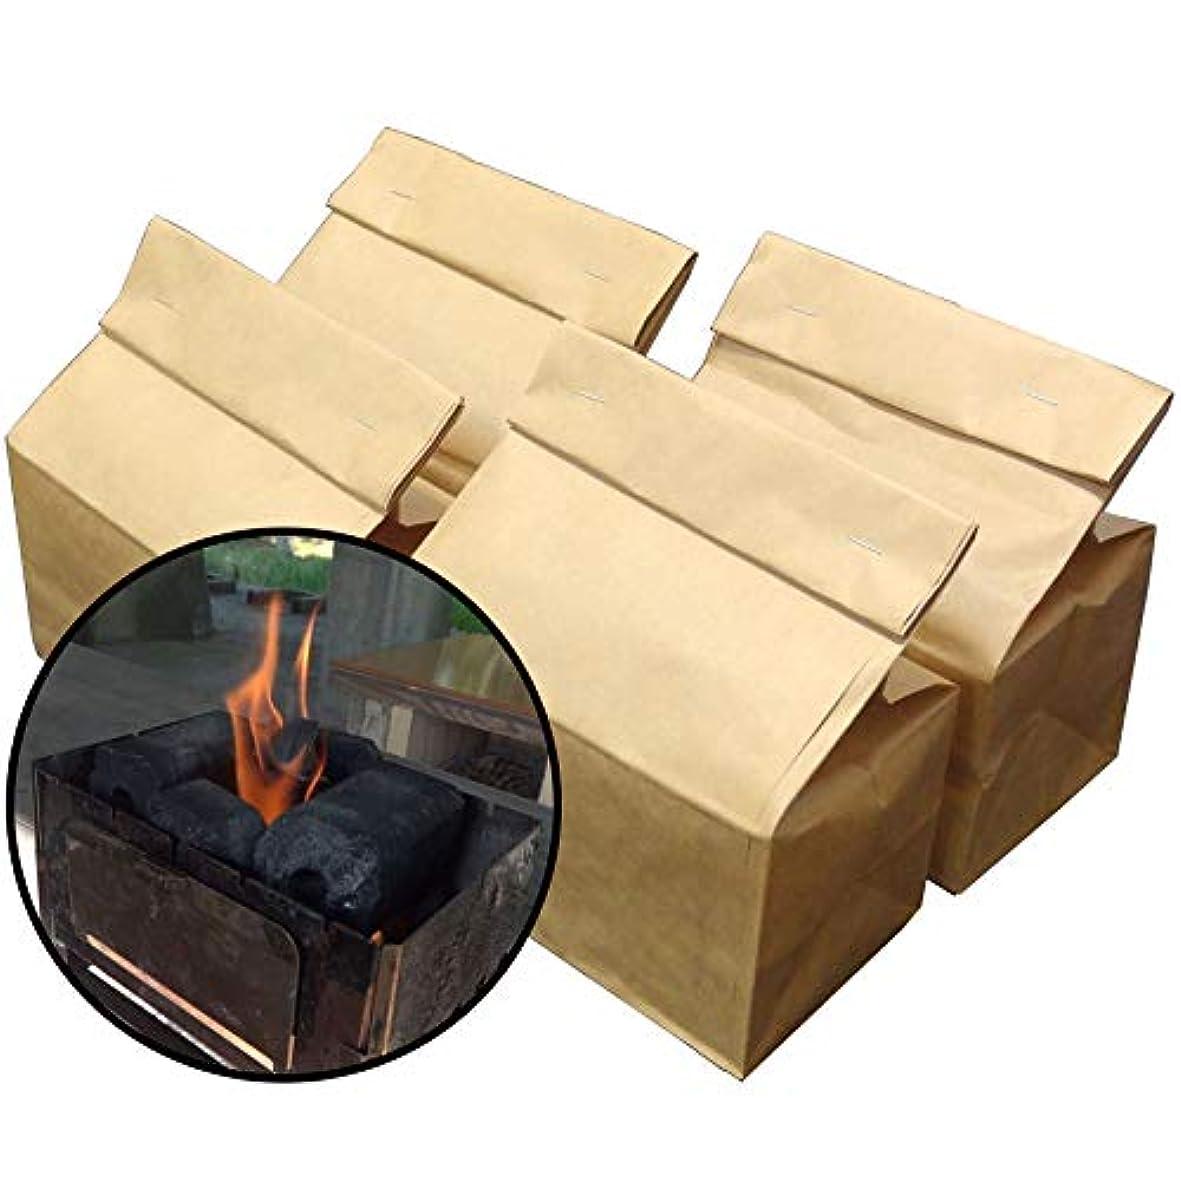 首尾一貫した相談遠いオガ炭パック産業 オガ備長炭簡単着火パック 0.4kg 4個入